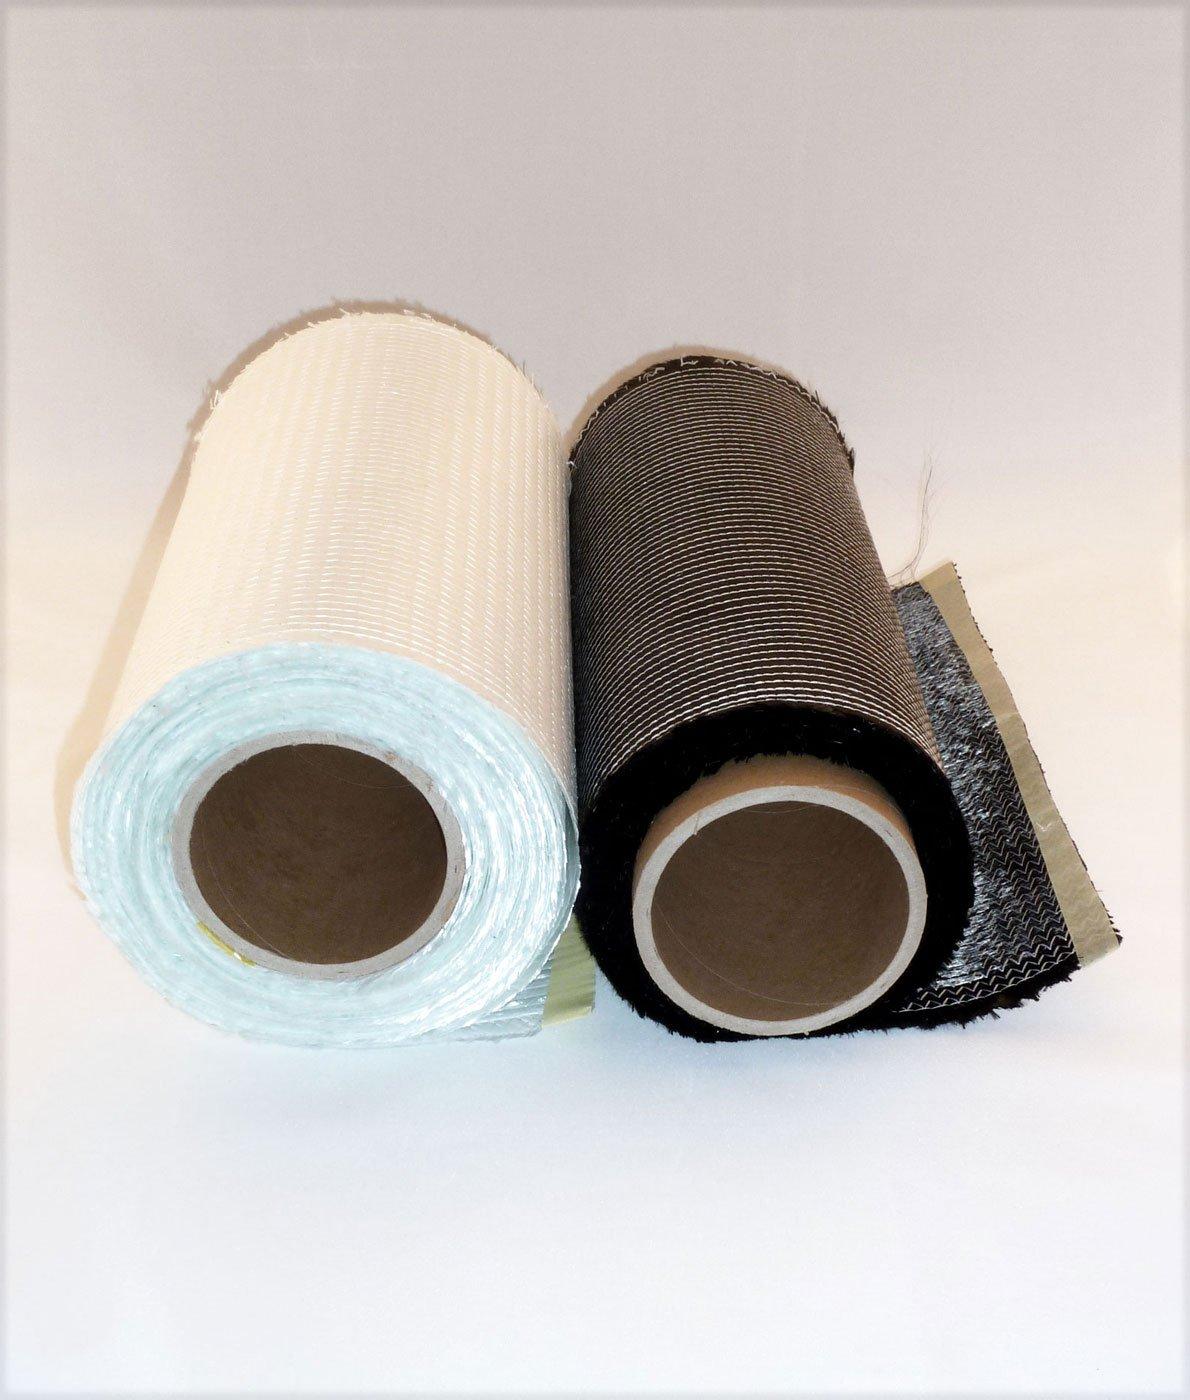 fiber/resin